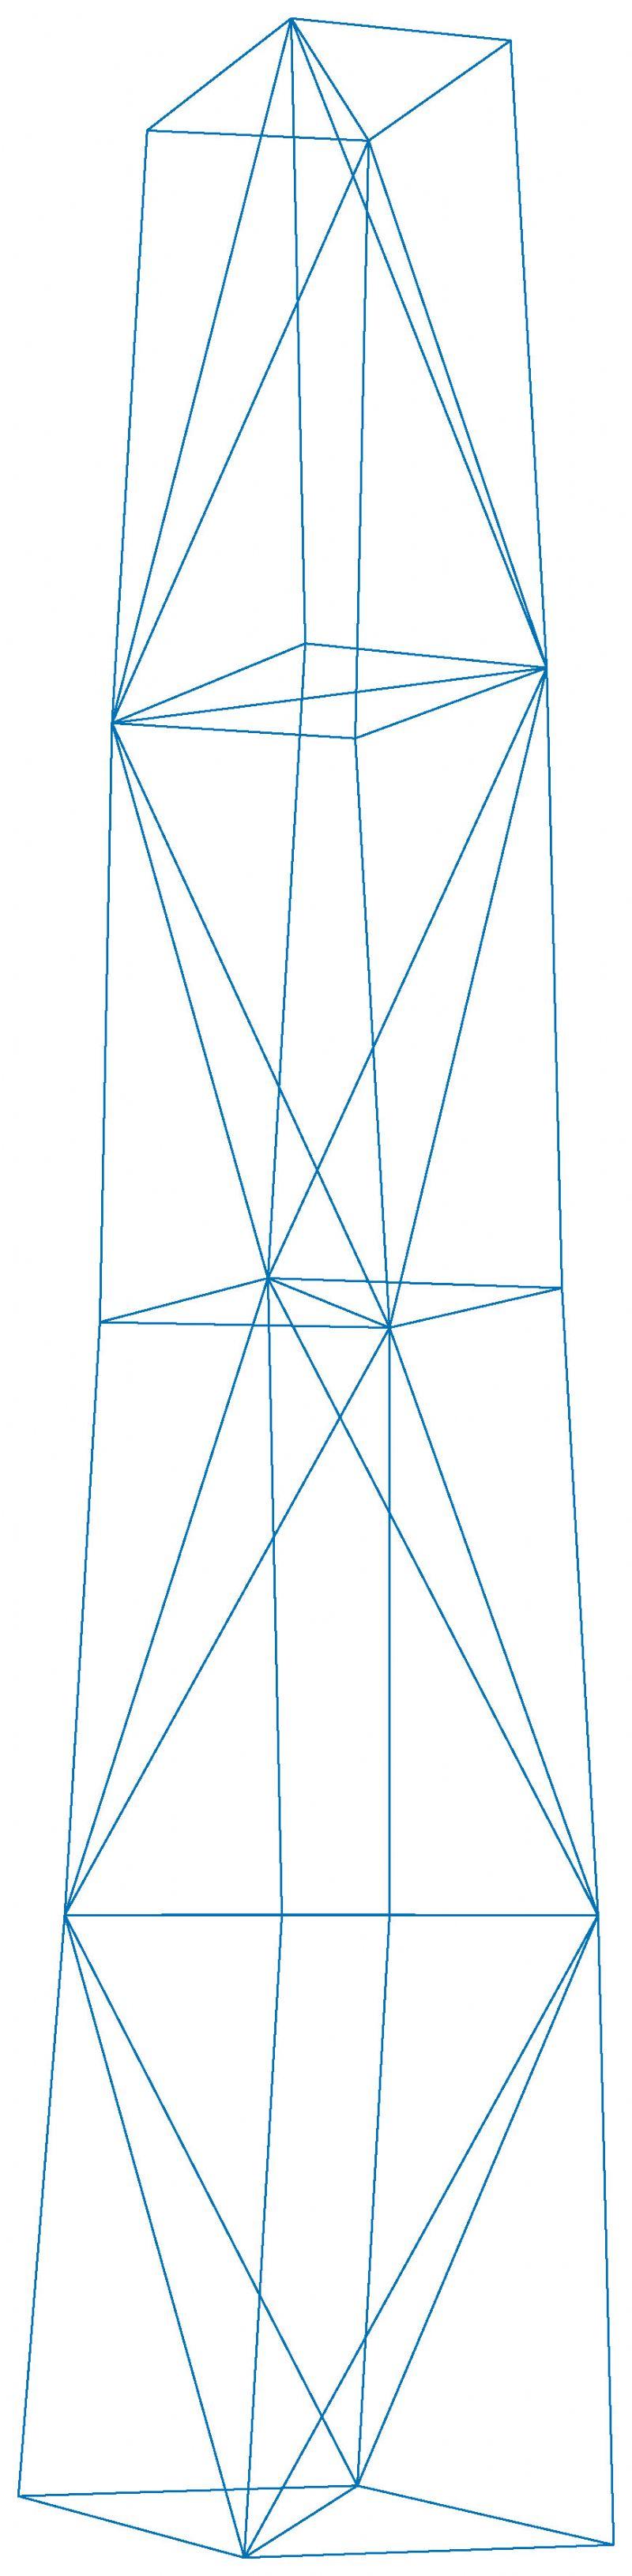 De structuur van de platen.